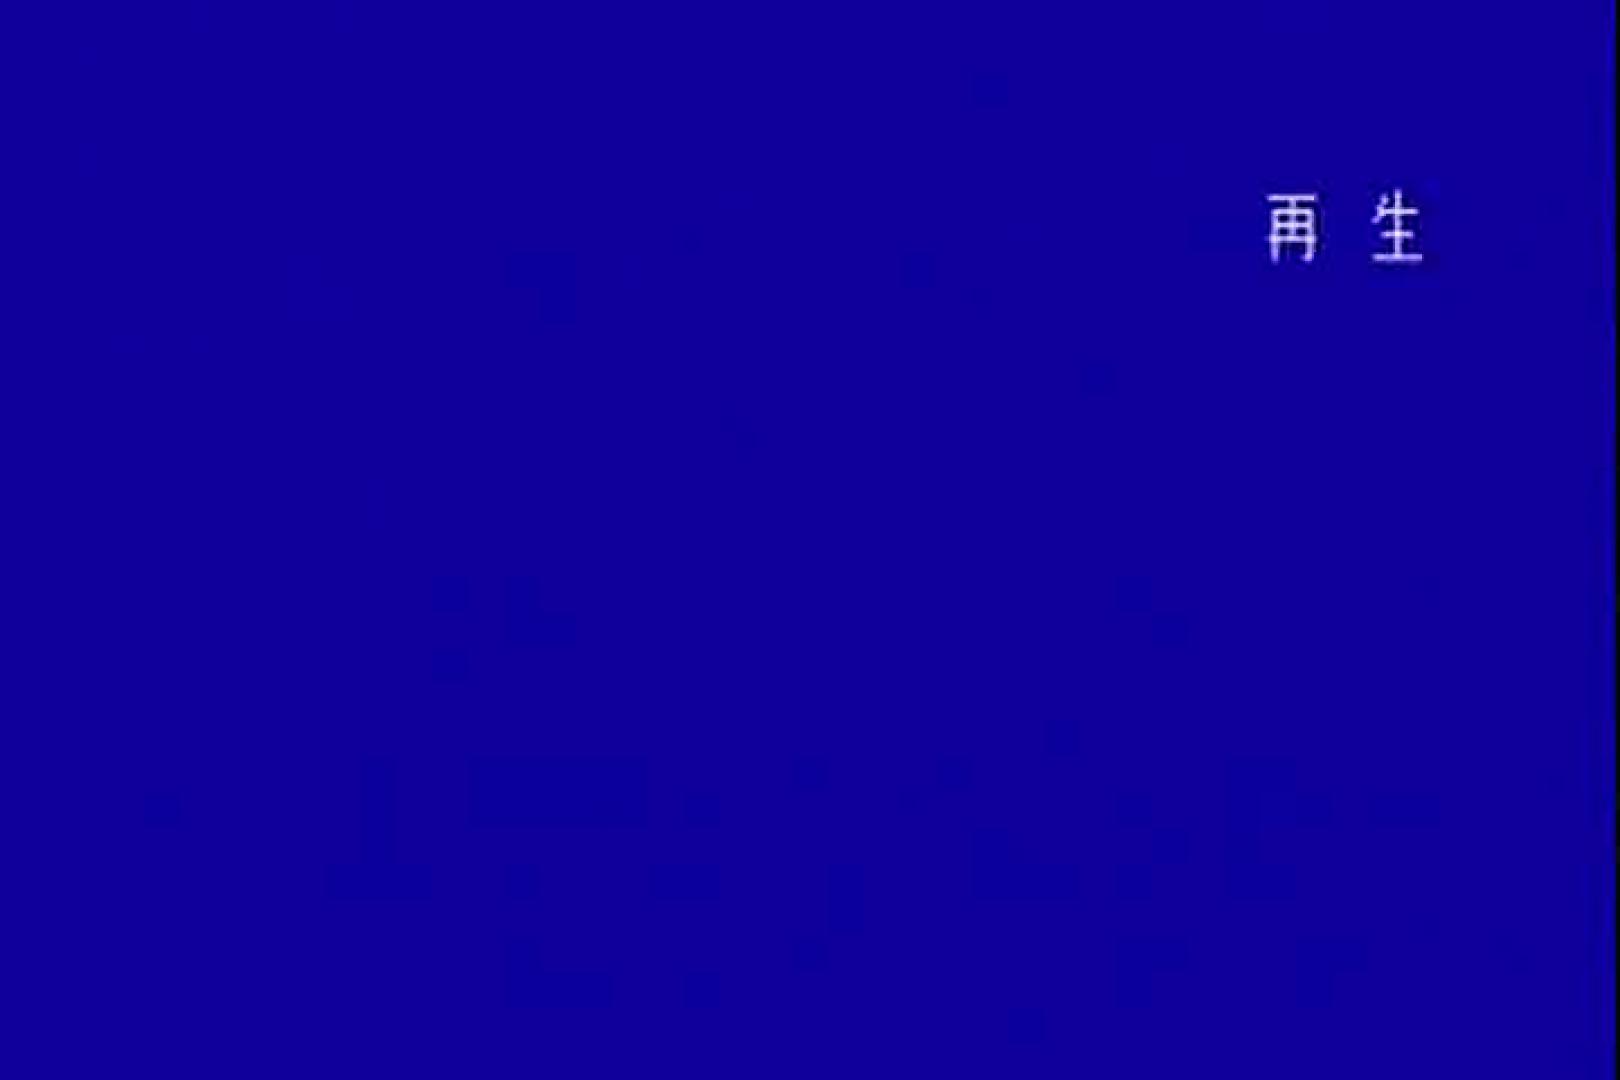 「ちくりん」さんのオリジナル未編集パンチラVol.4_02 チラ歓迎 のぞき動画画像 87pic 28